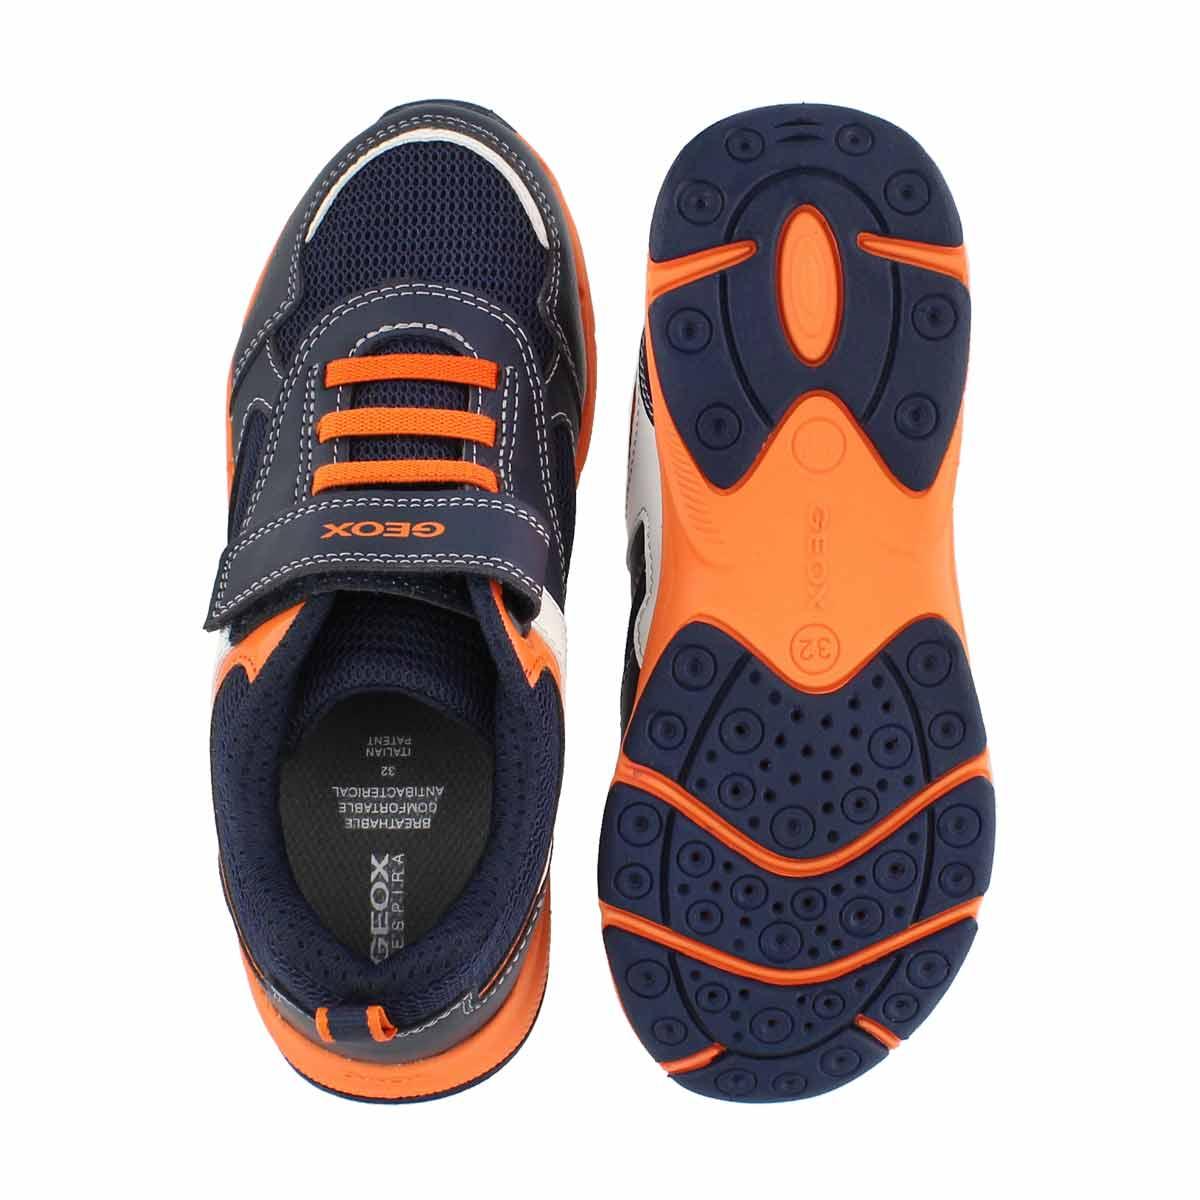 Bys J Hoshiko nvy/org sneaker